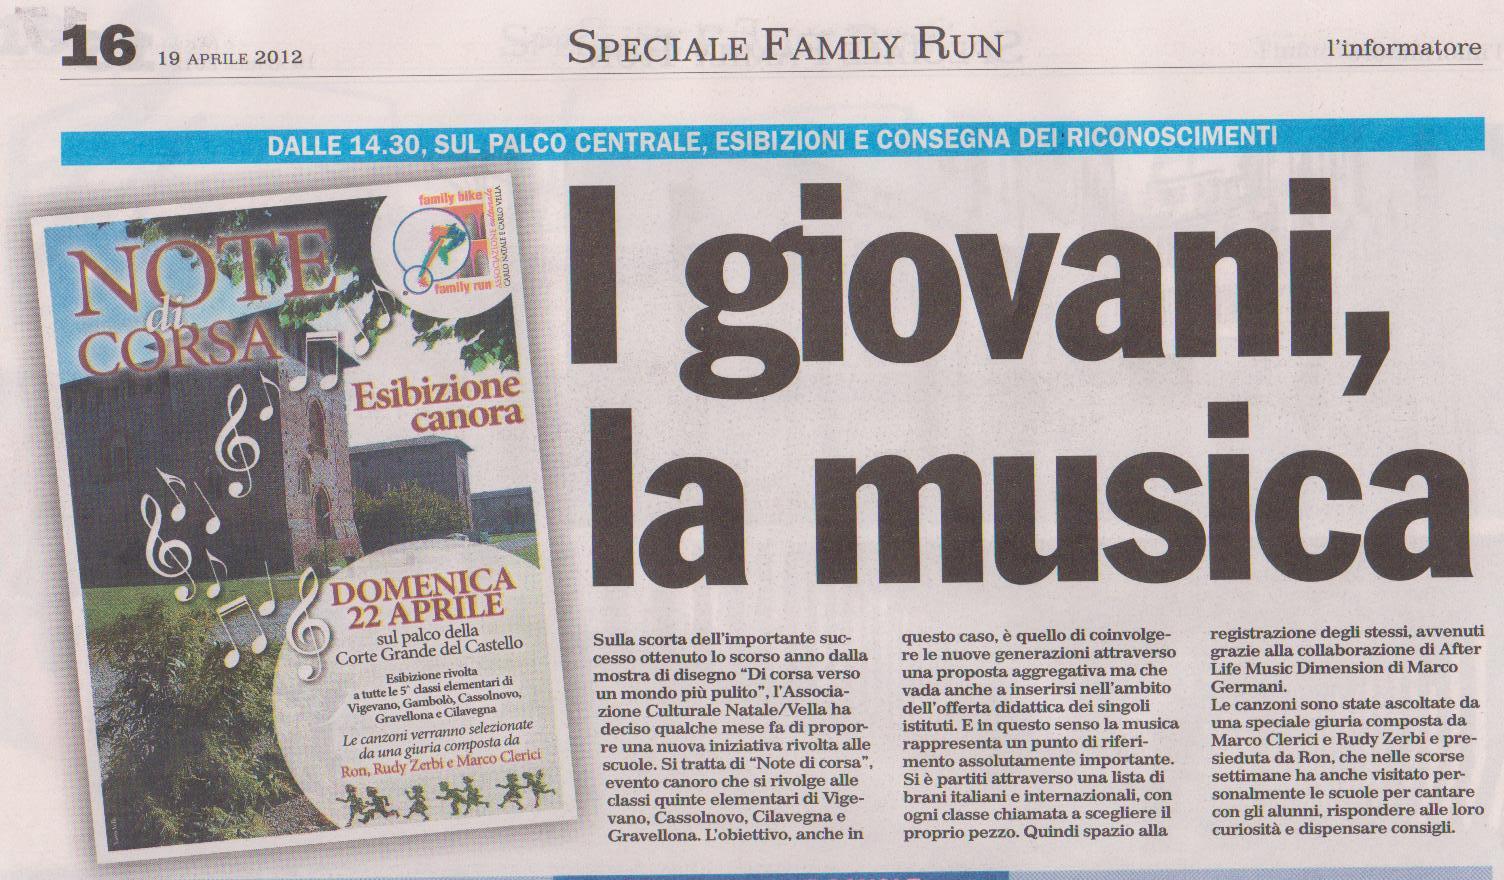 Family Run, i giovani e la musica